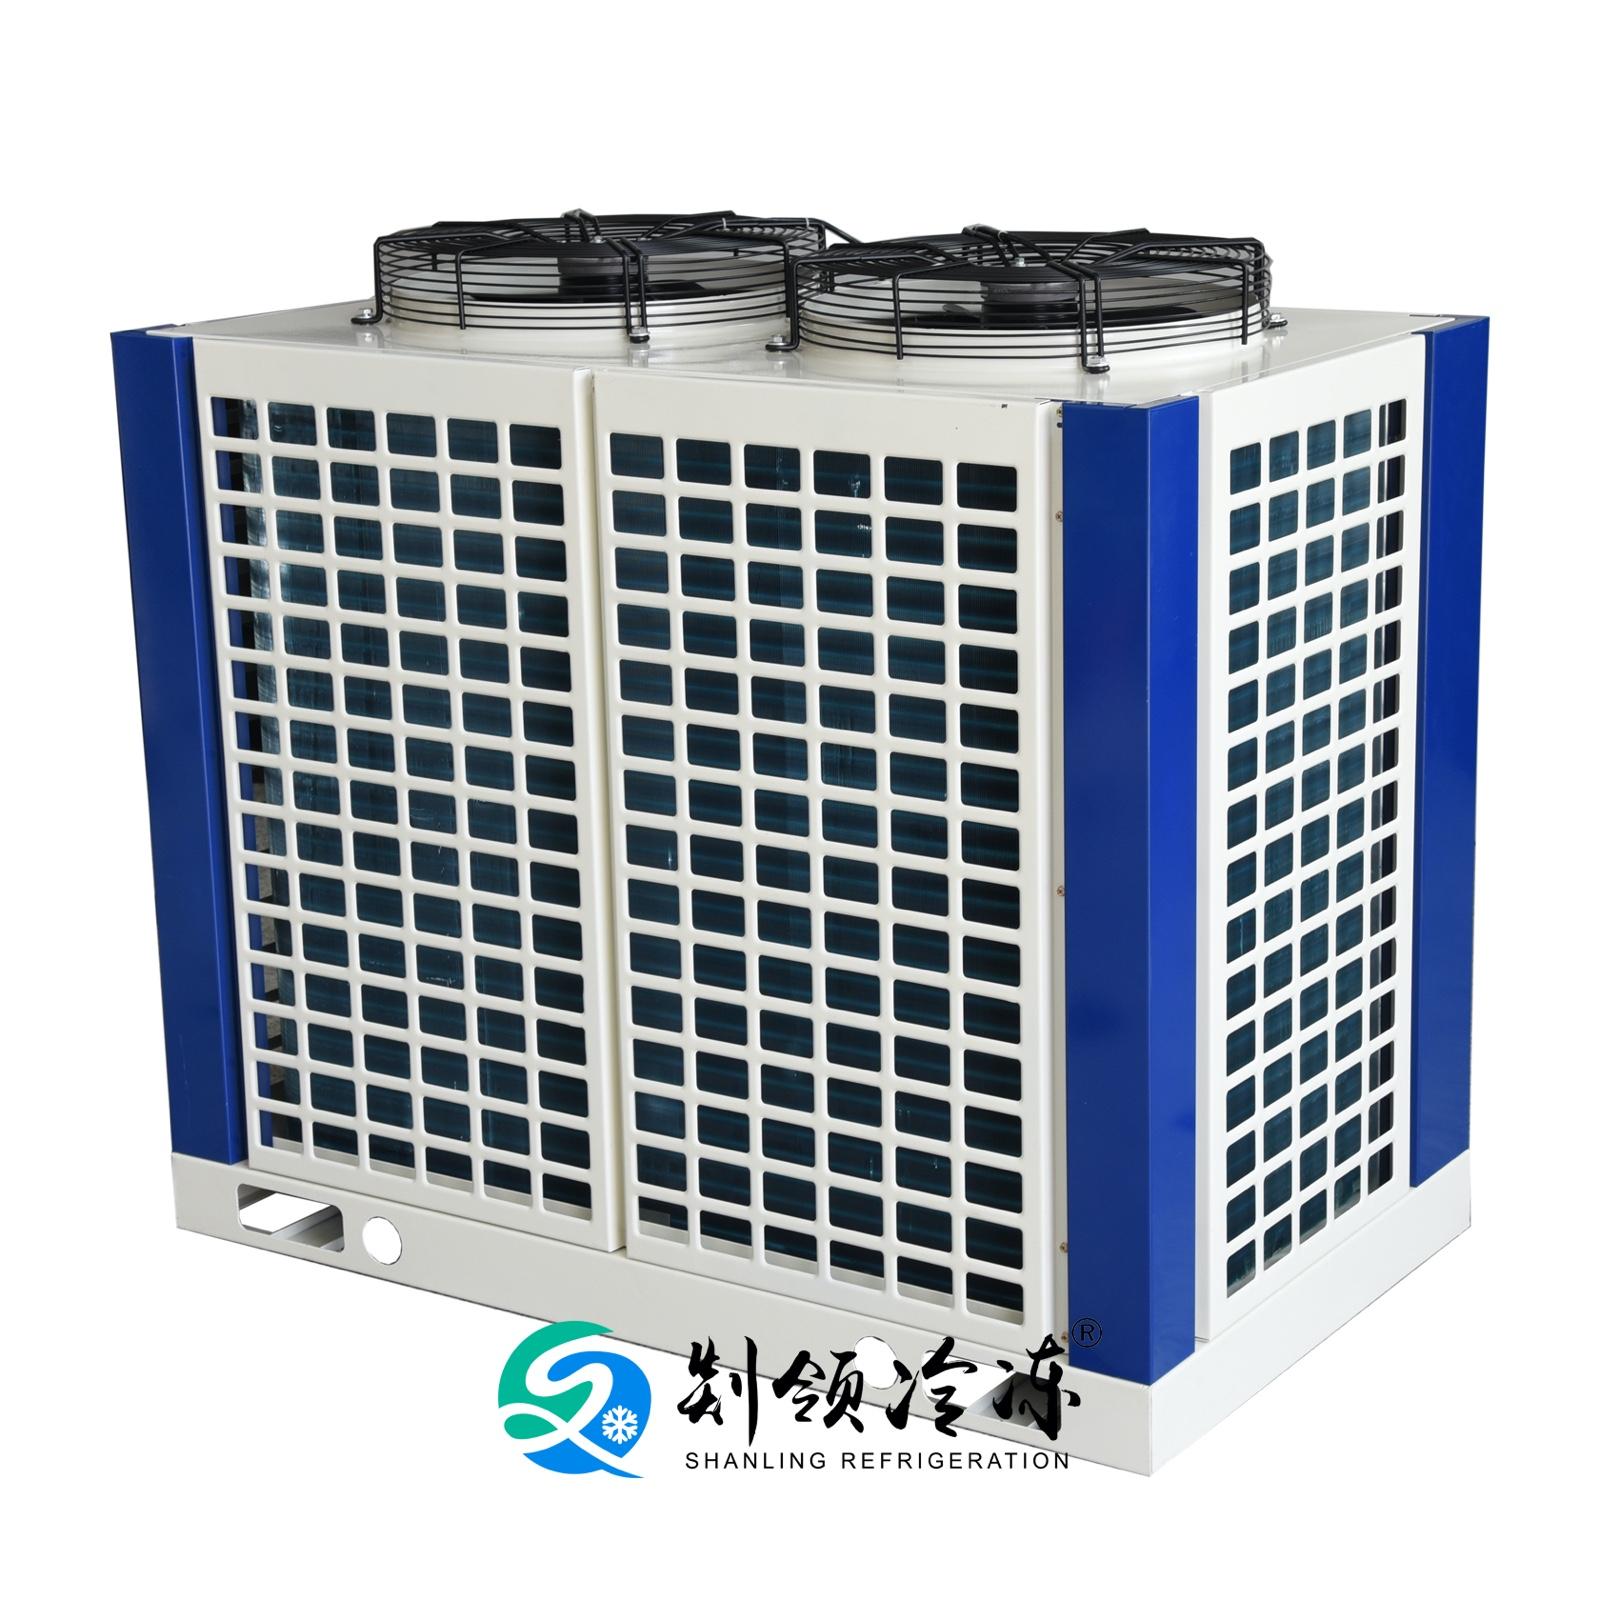 铜管铝翅片箱体式冷凝器 表冷器 散热器空气源换热器FNU-14.9/45